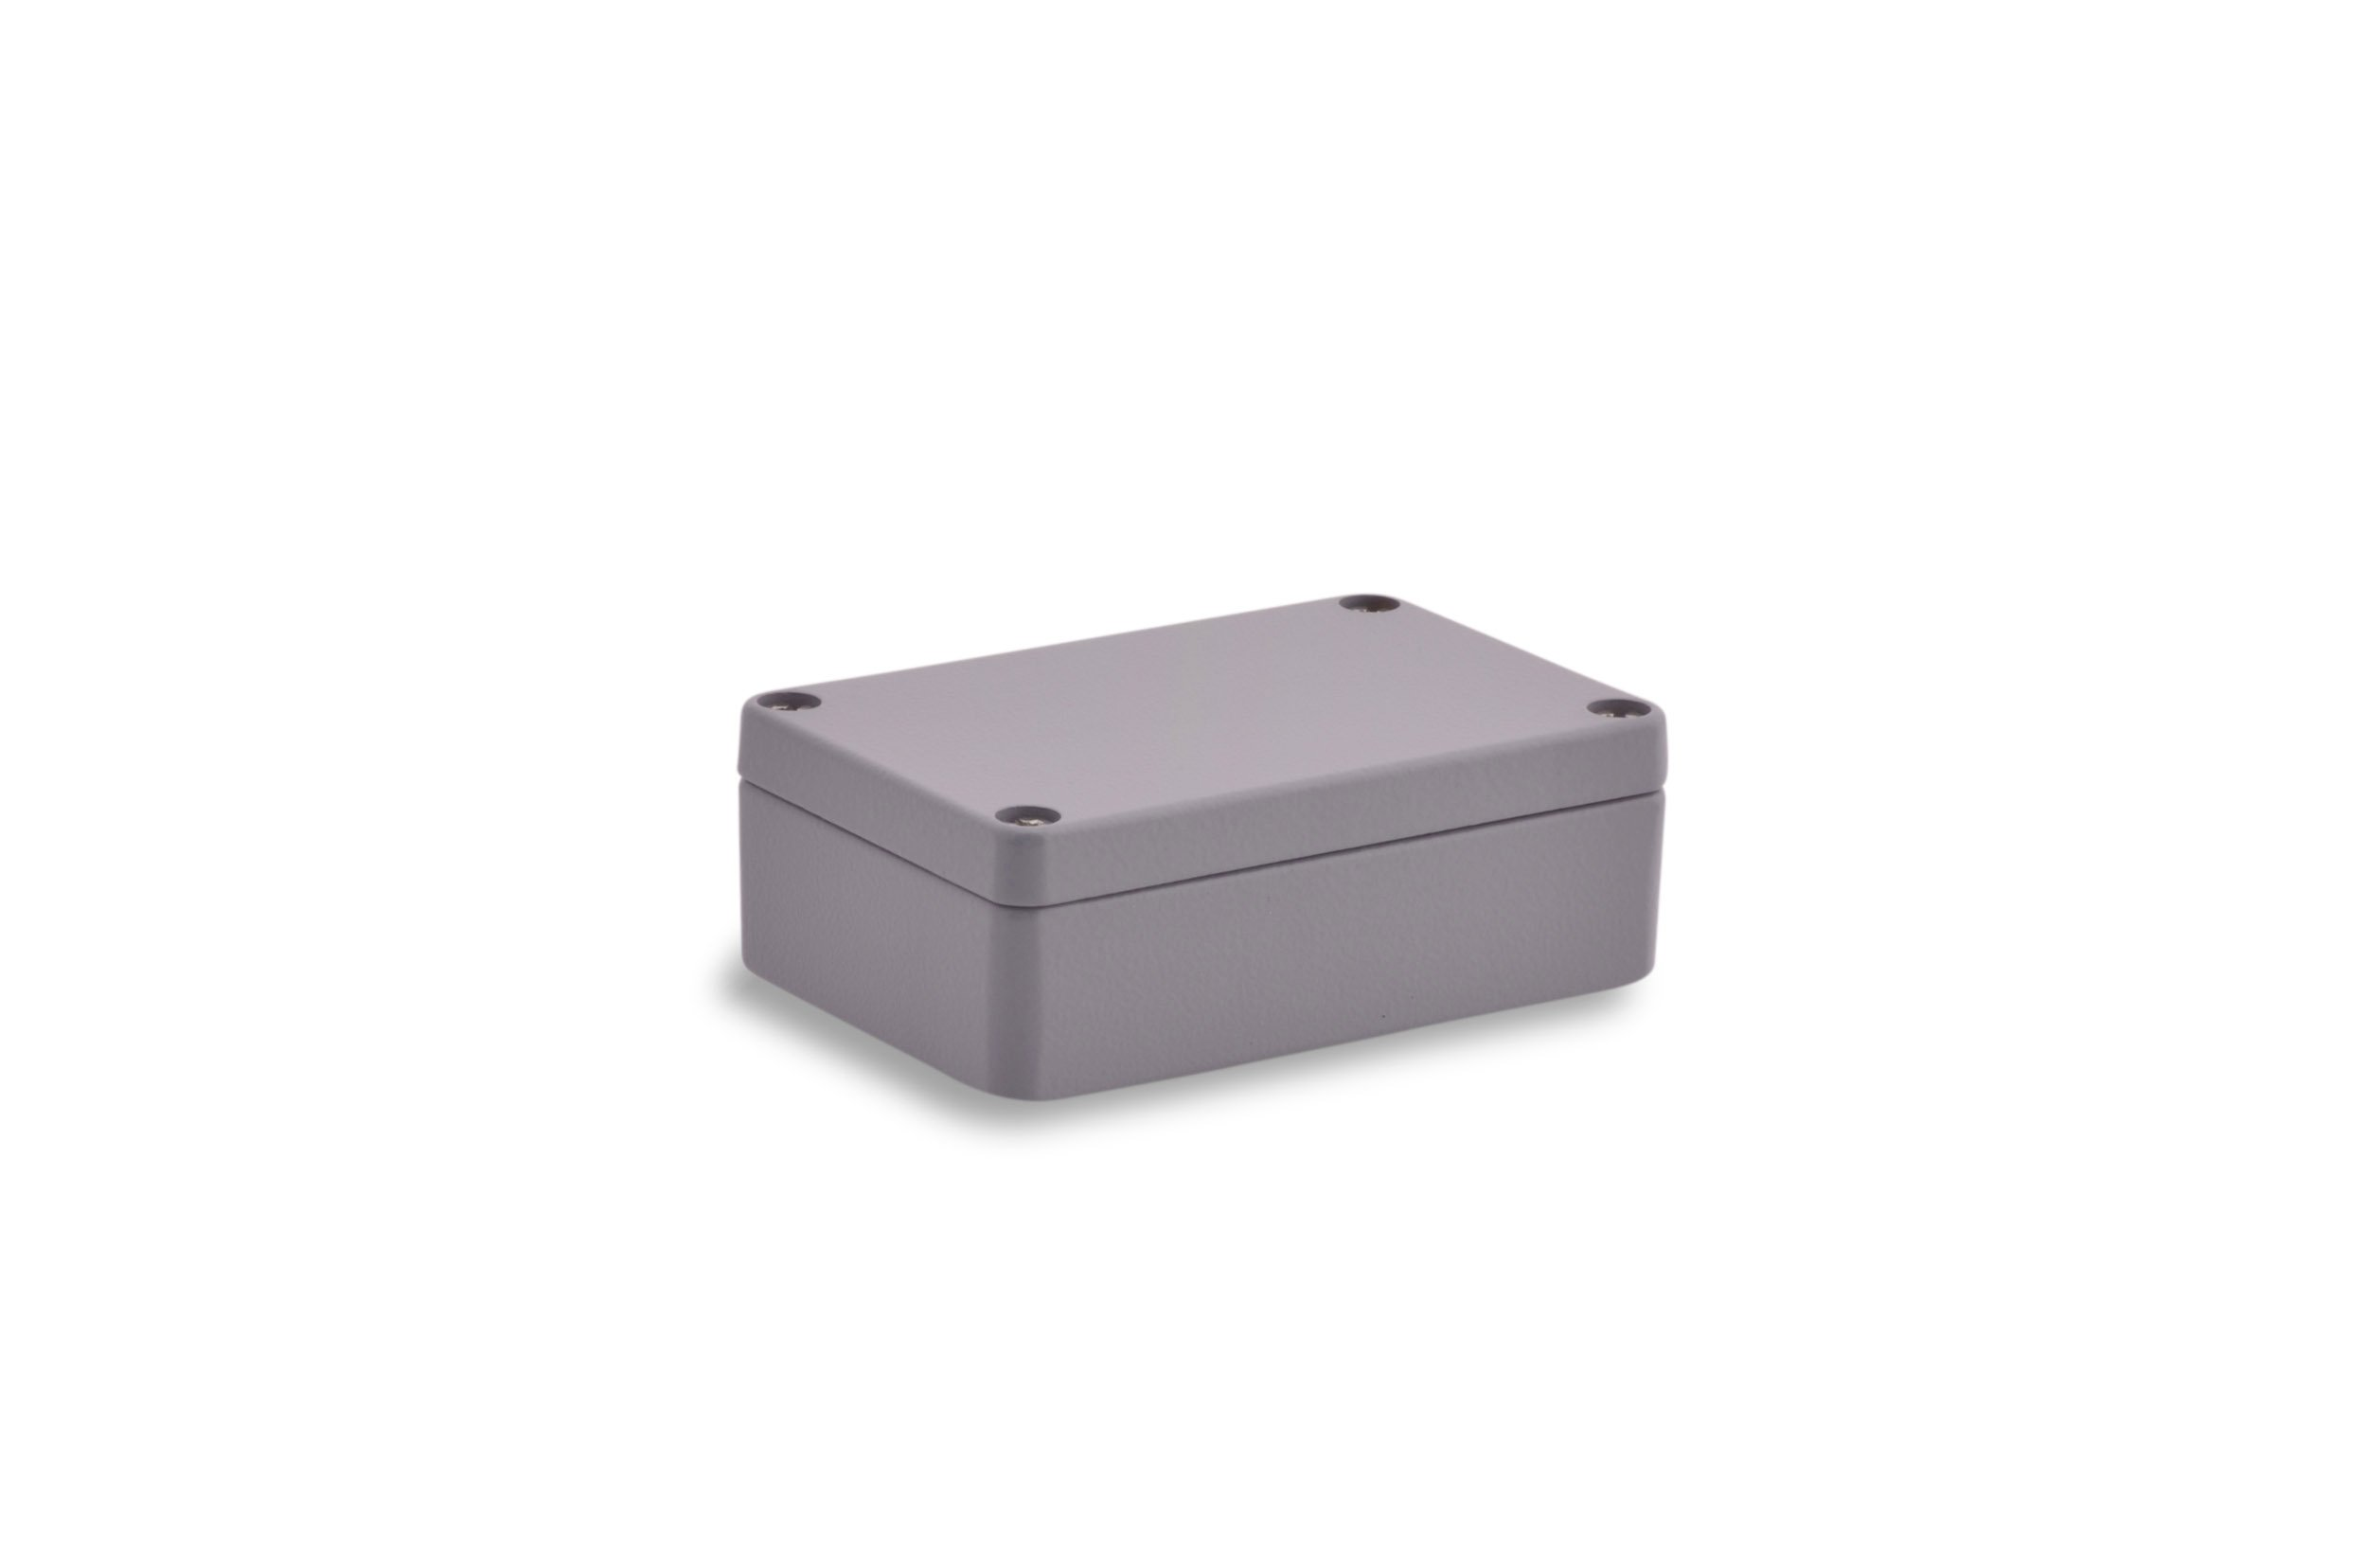 BOXEXPERT Aluminium Industriegeh/äuse Serie Alster 58x64x34mm IP 66 grau RAL7001 Schaltschrank Verteilerkasten